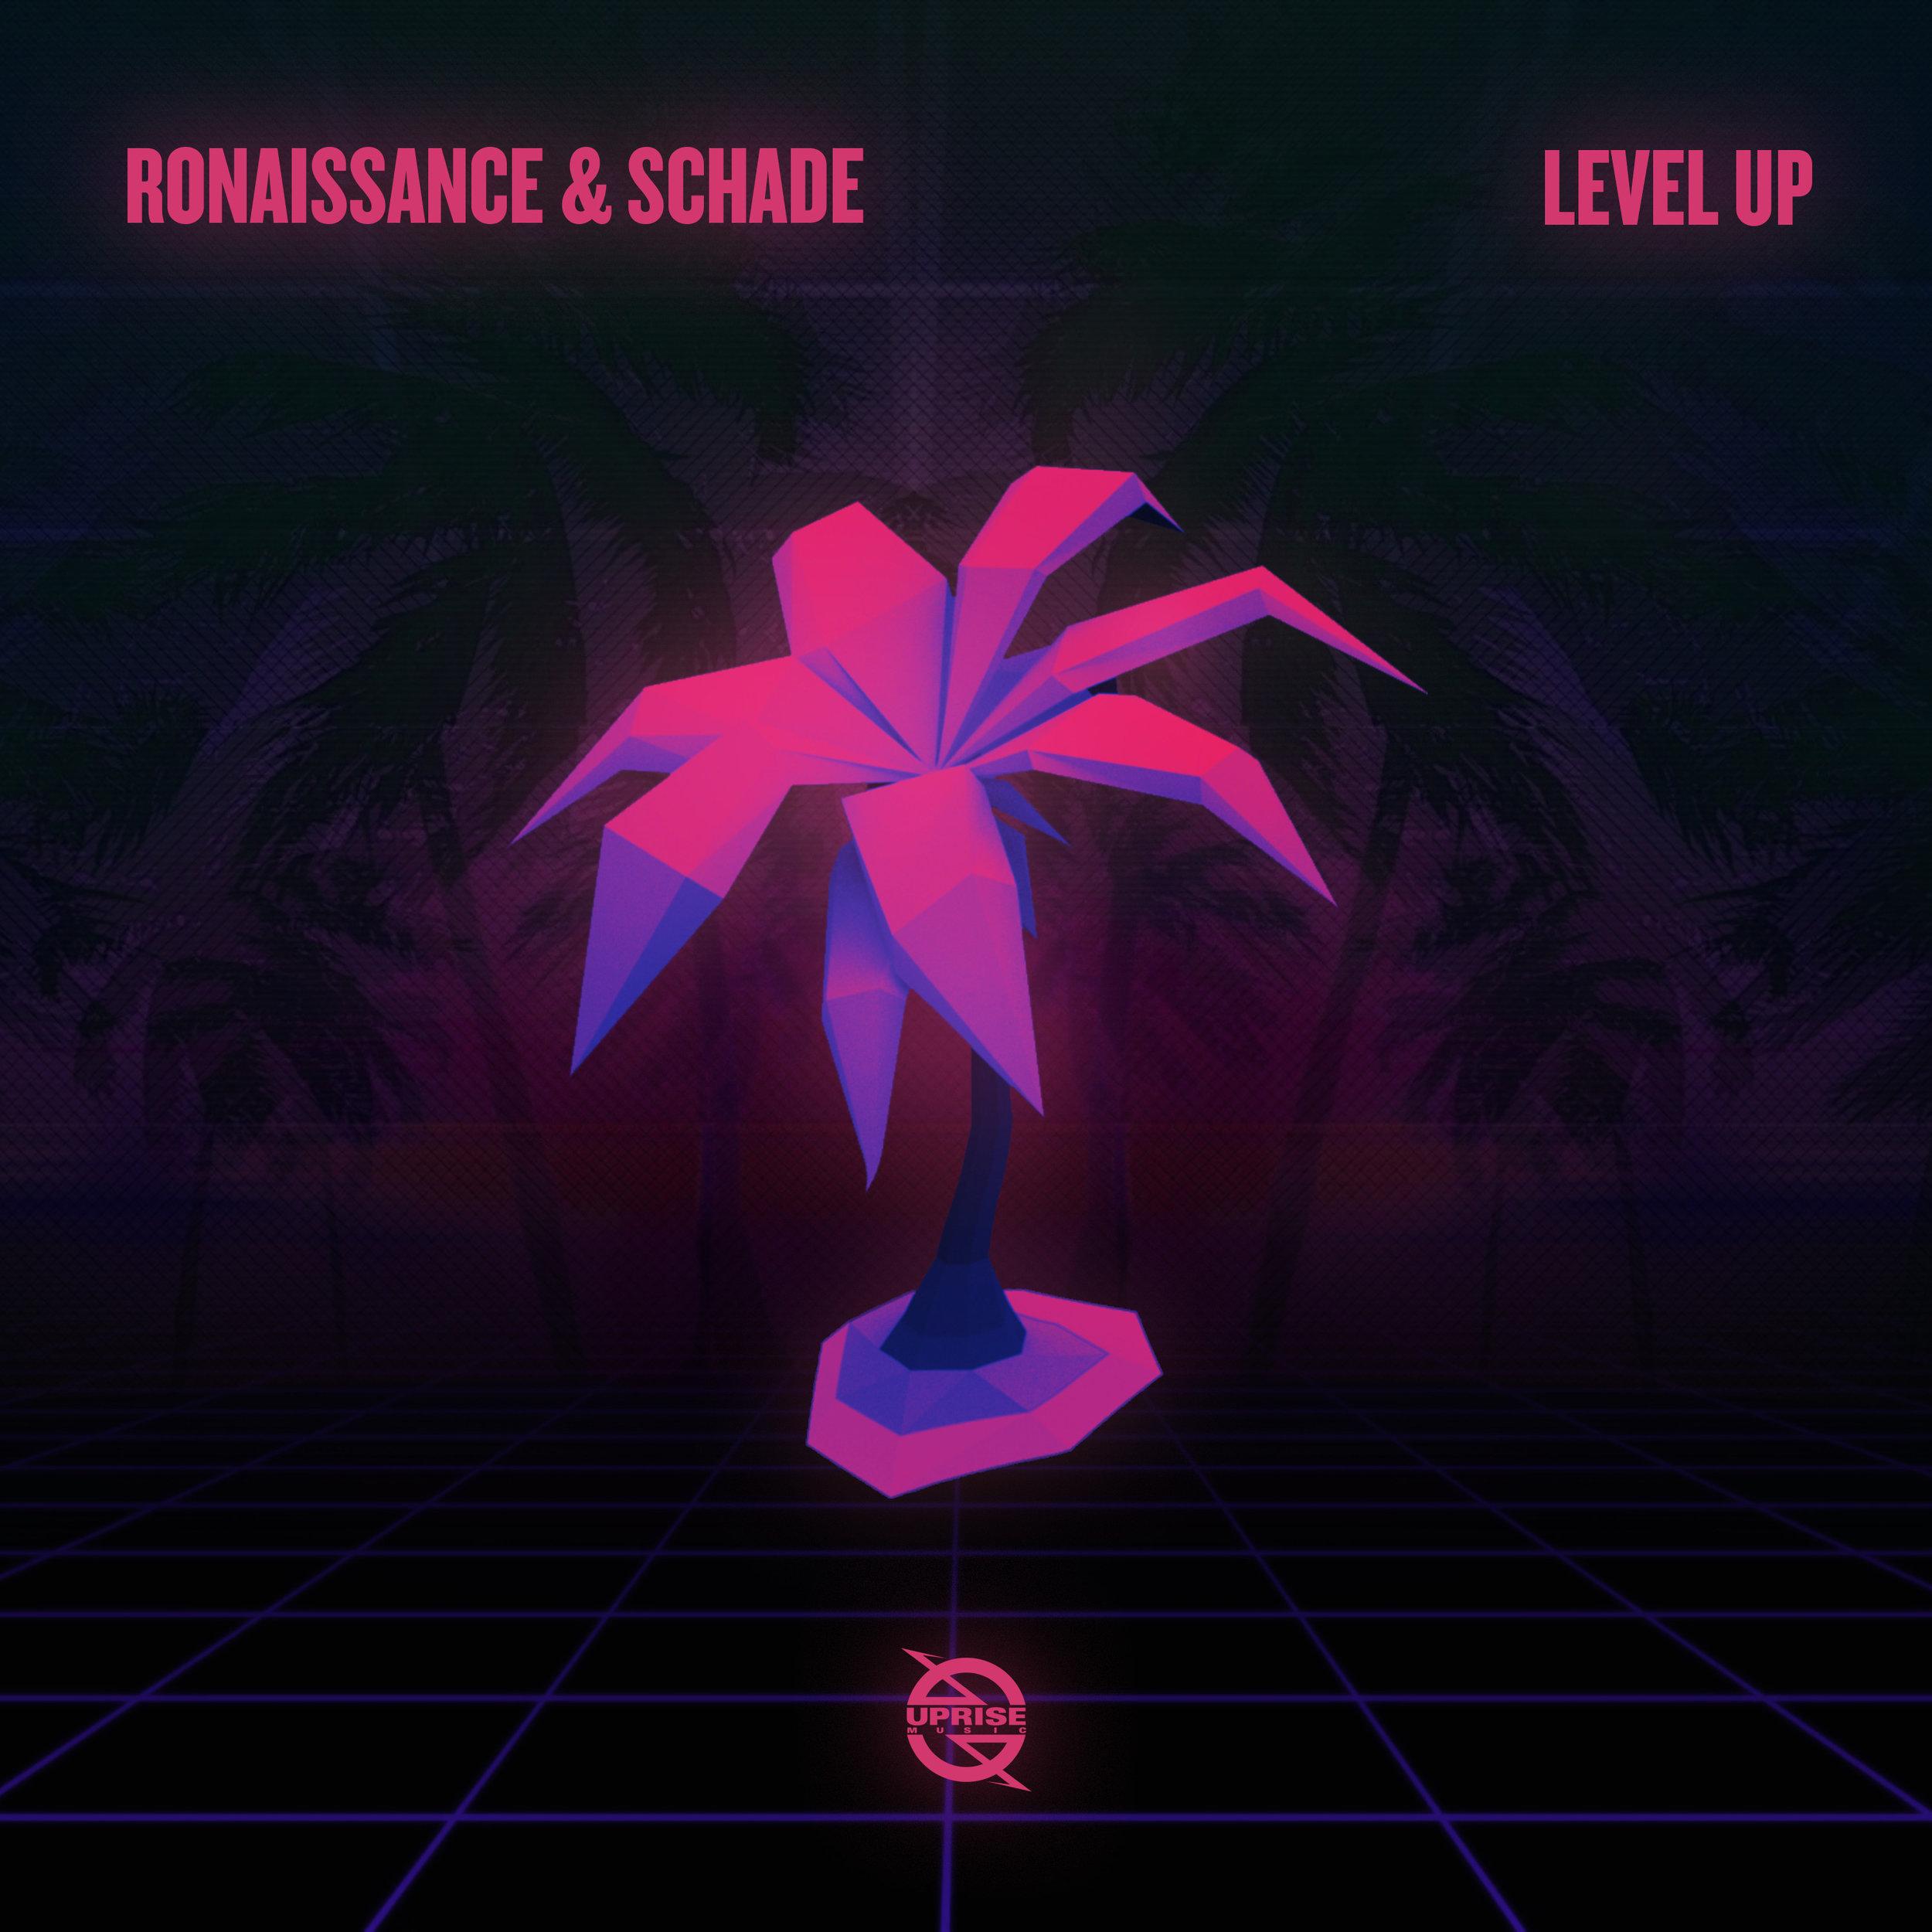 Ronaissance & Schade - Levl Up